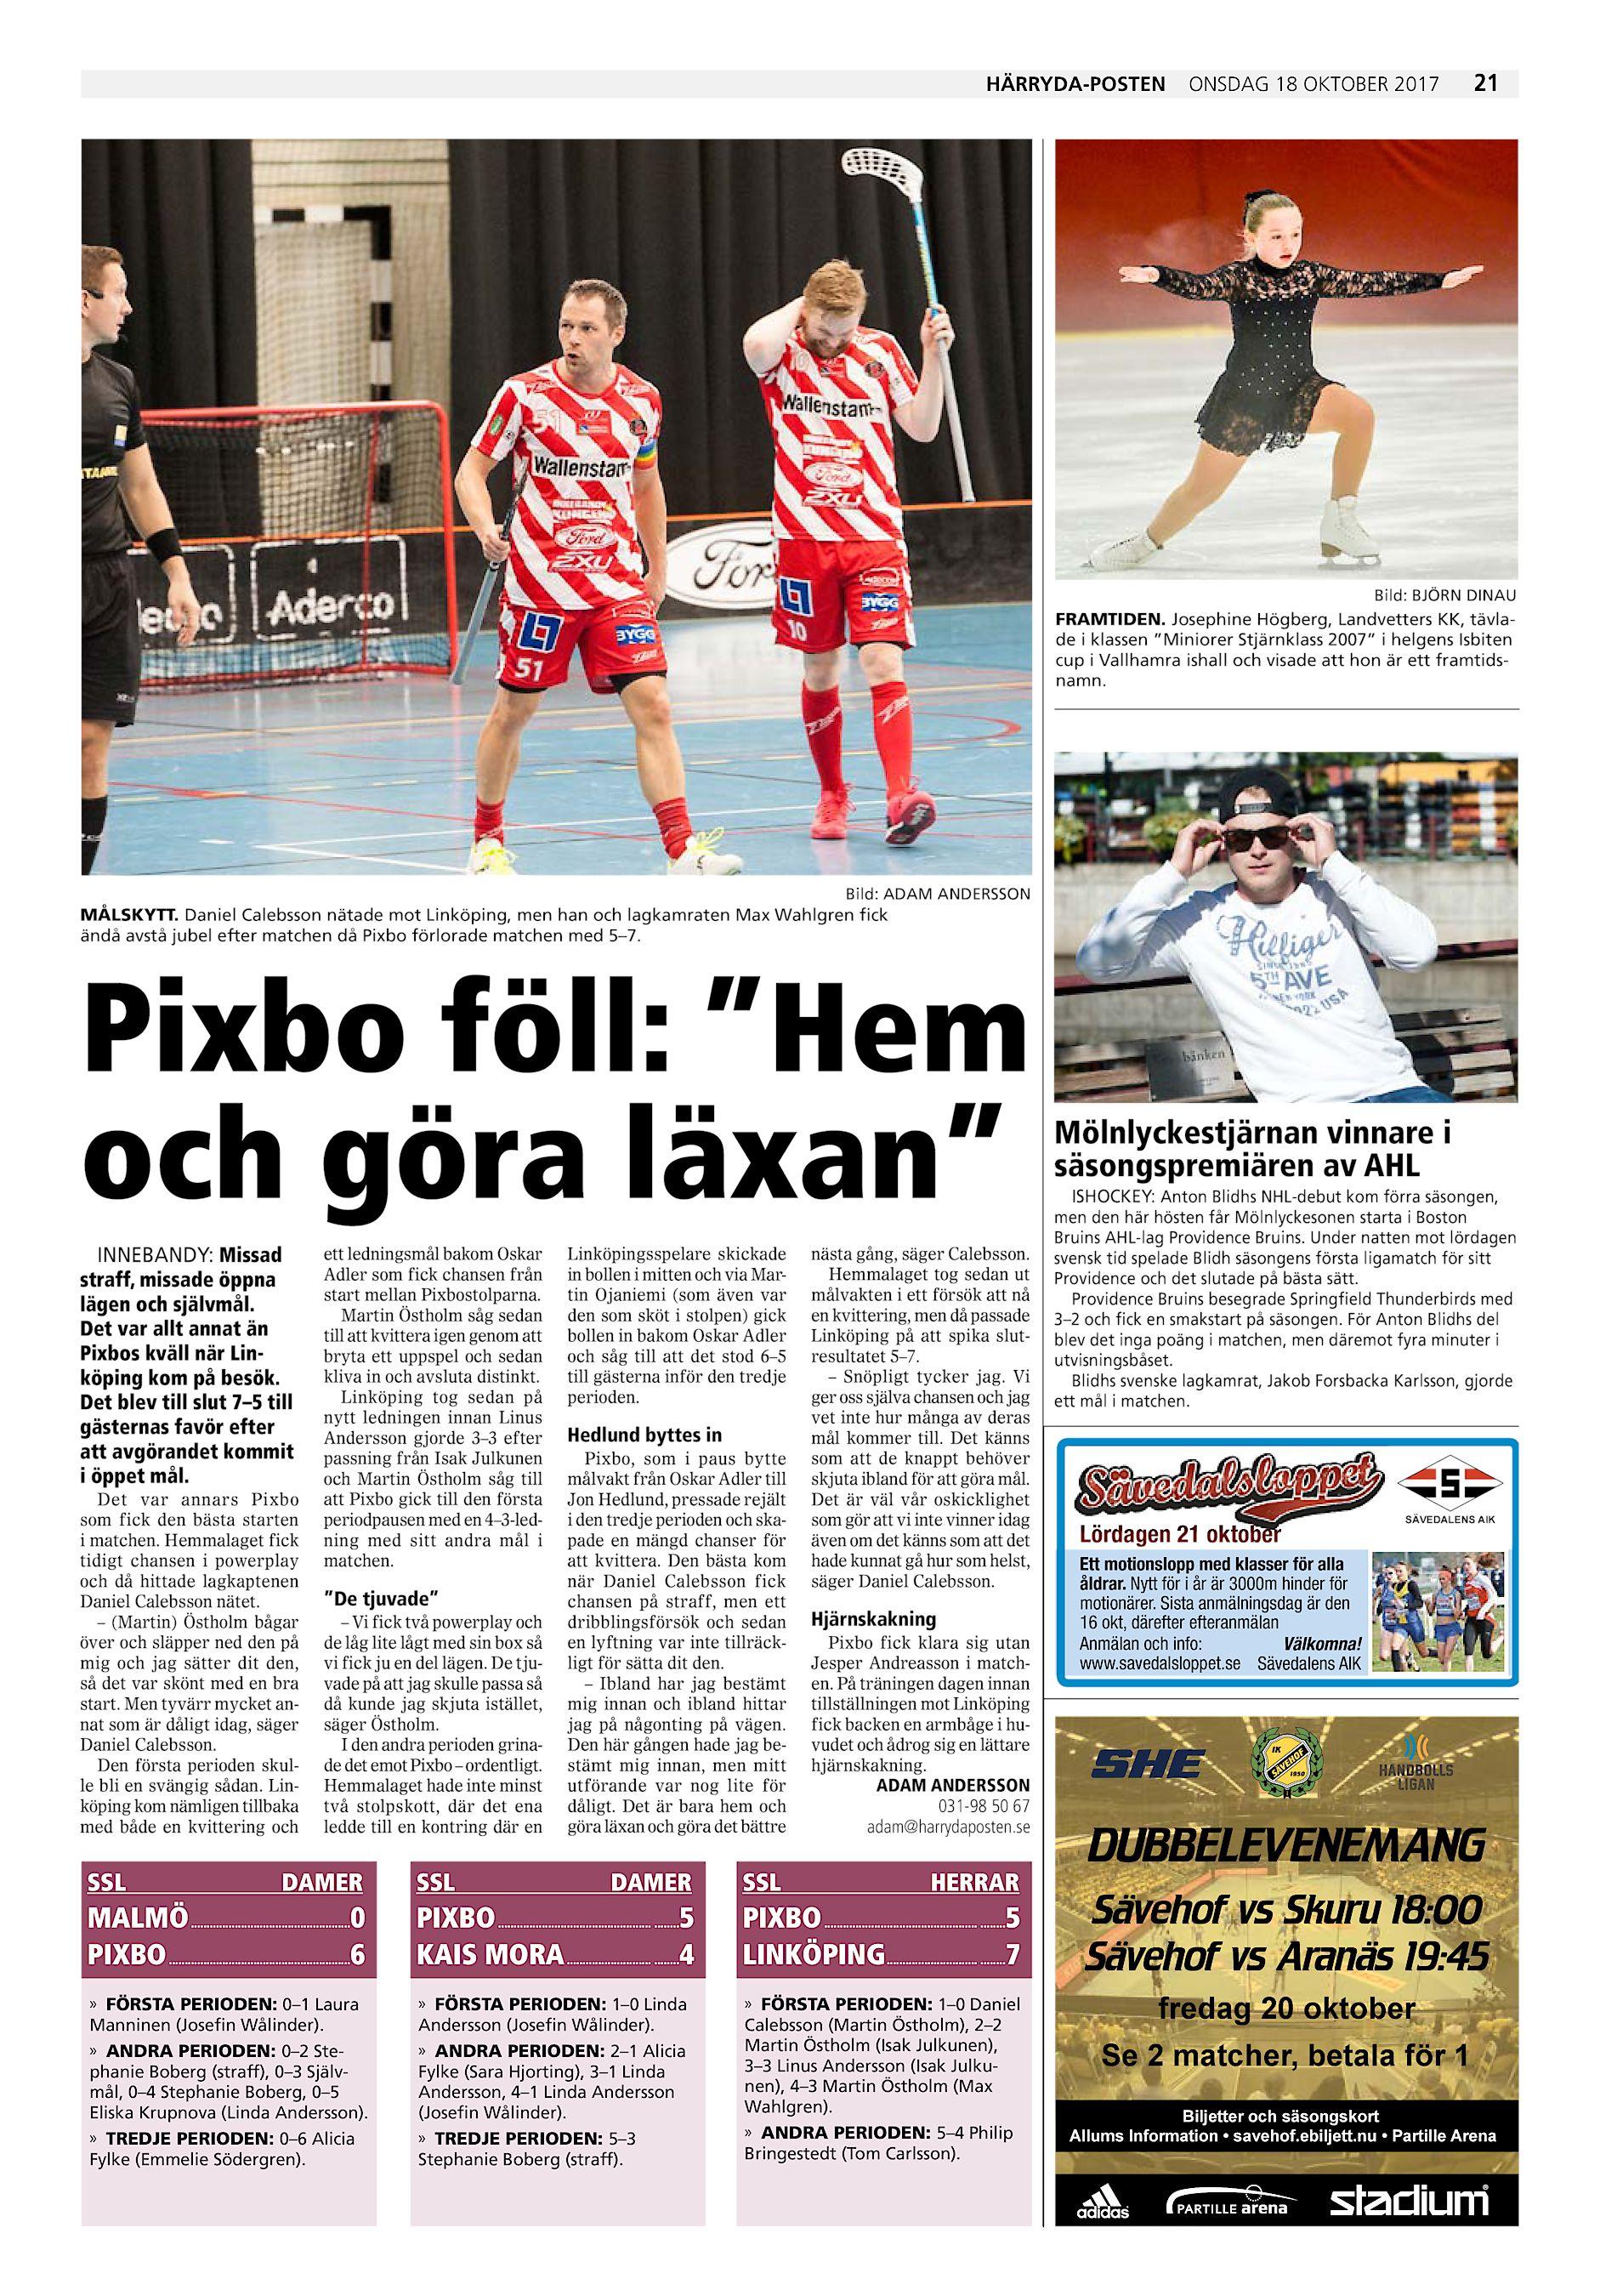 Härryda-Posten onsdag 18 oktober 2017 21 Bild  BJÖRN DINAU FRAMTIDEN.  Josephine Högberg ace972e0aca71